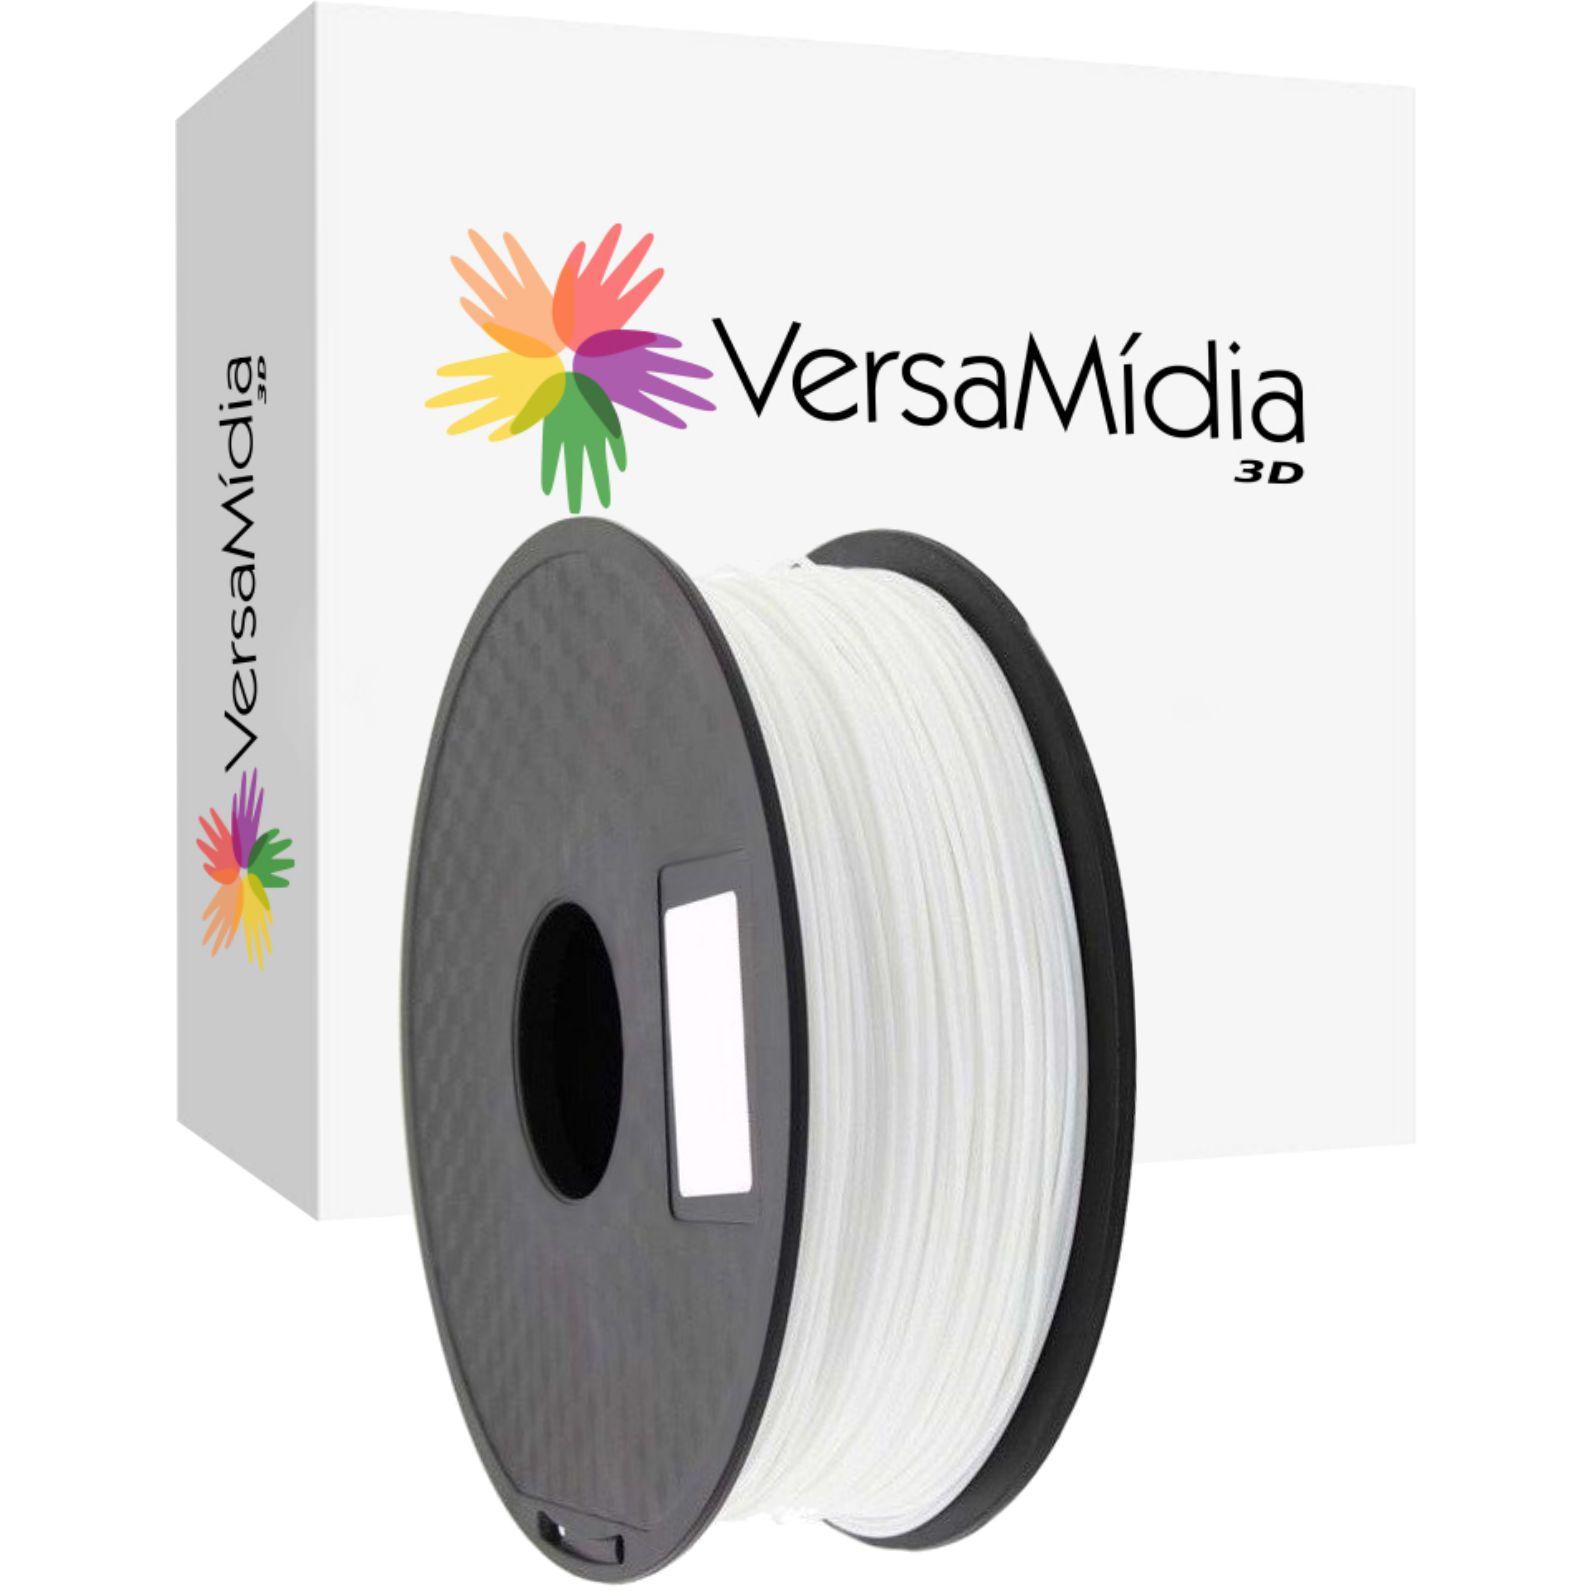 Filamento Flexível TPR  Premium 1.75mm 0.8Kg Bobina Black Spool Impressão 3D 2ª Geração